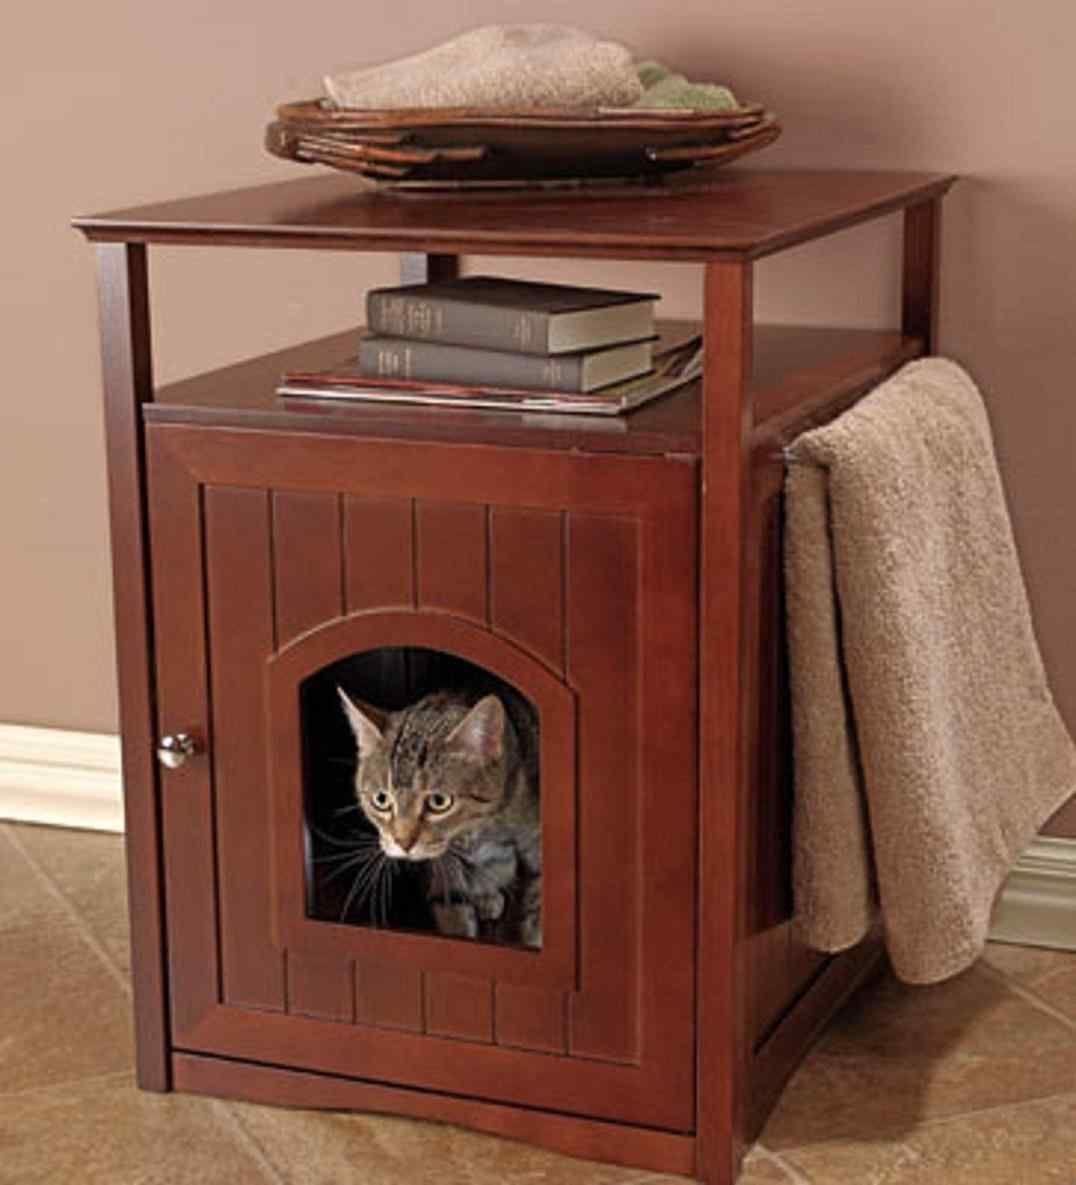 15 creative cat litter box solutions ideas